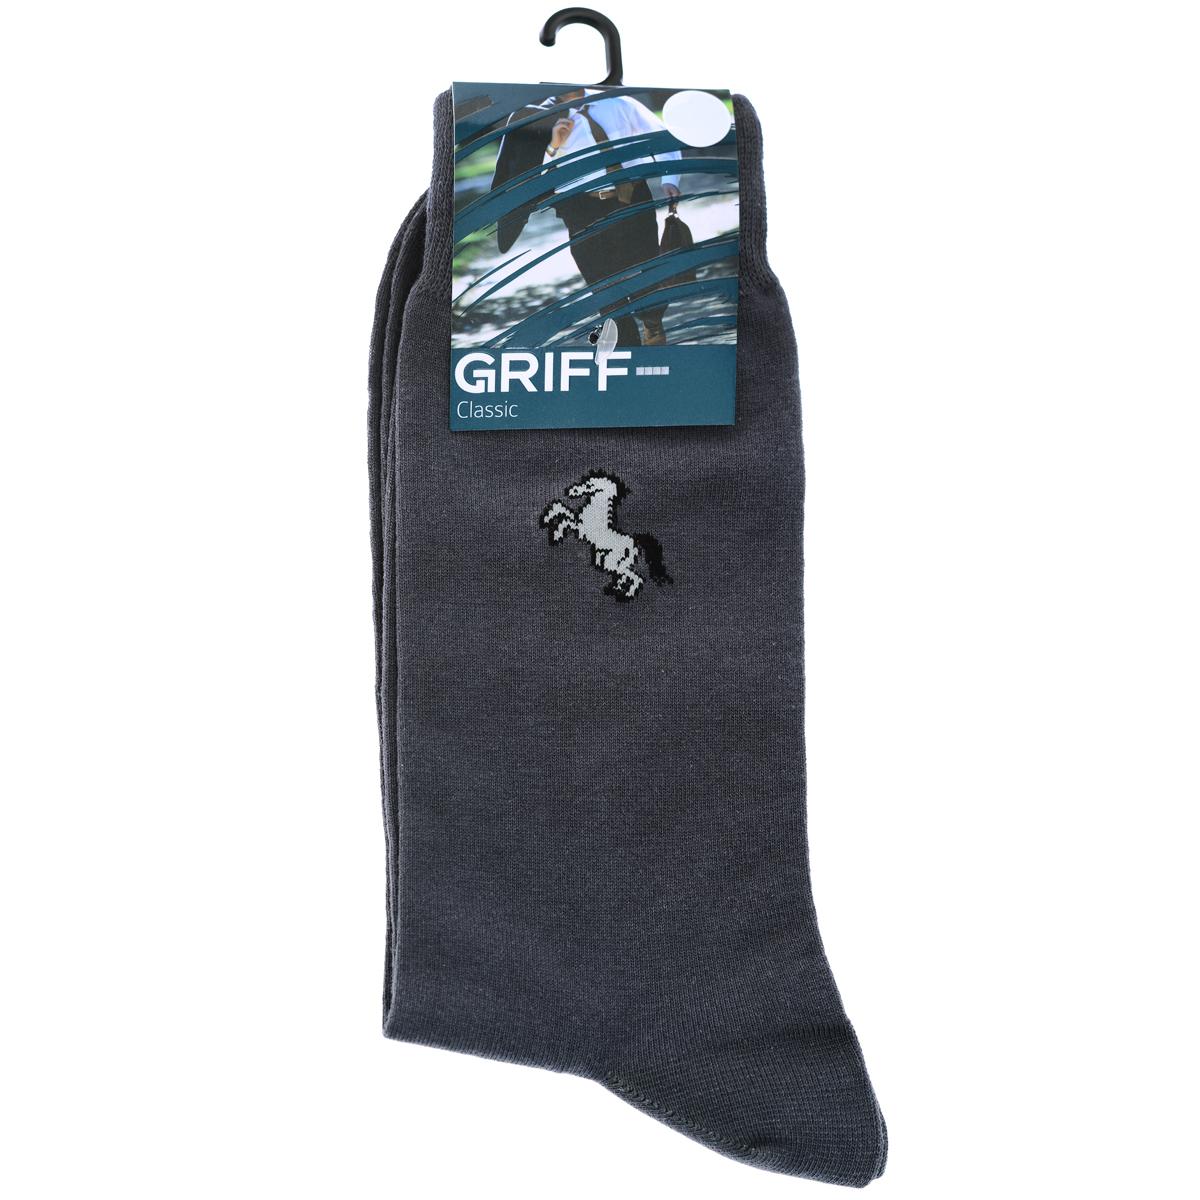 Носки мужские Griff Classic, цвет: темно-серый. В1. Размер 42/44B1Мужские носки Griff Classic с удлиненным паголенком изготовлены из высококачественного сырья с добавлением полиамидных и эластановых волокон, которые обеспечивают великолепную посадку. Носки отличаются элегантным внешним видом. Удобная широкая резинка идеально облегает ногу и не пережимает сосуды, усиленные пятка и мысок повышают износоустойчивость носка.